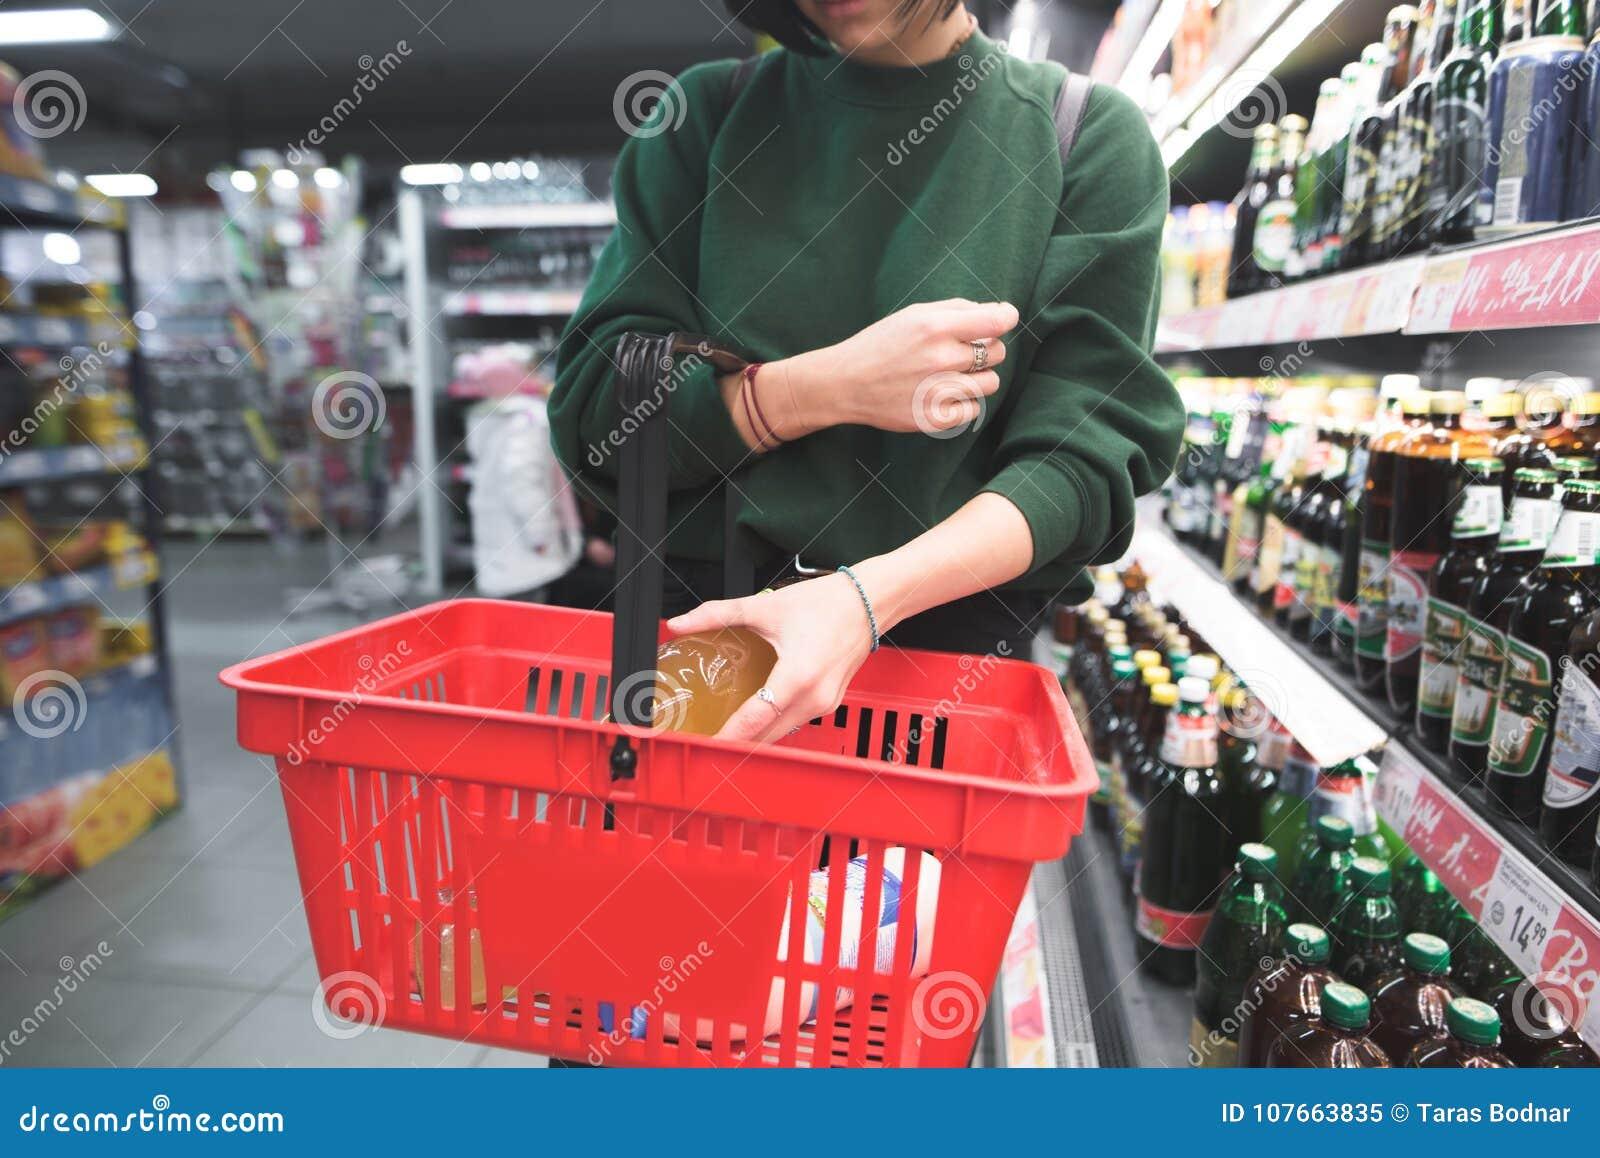 Een vrouw zet een fles alcohol in een rood boodschappenwagentje Het meisje zet een aankoop in de mand